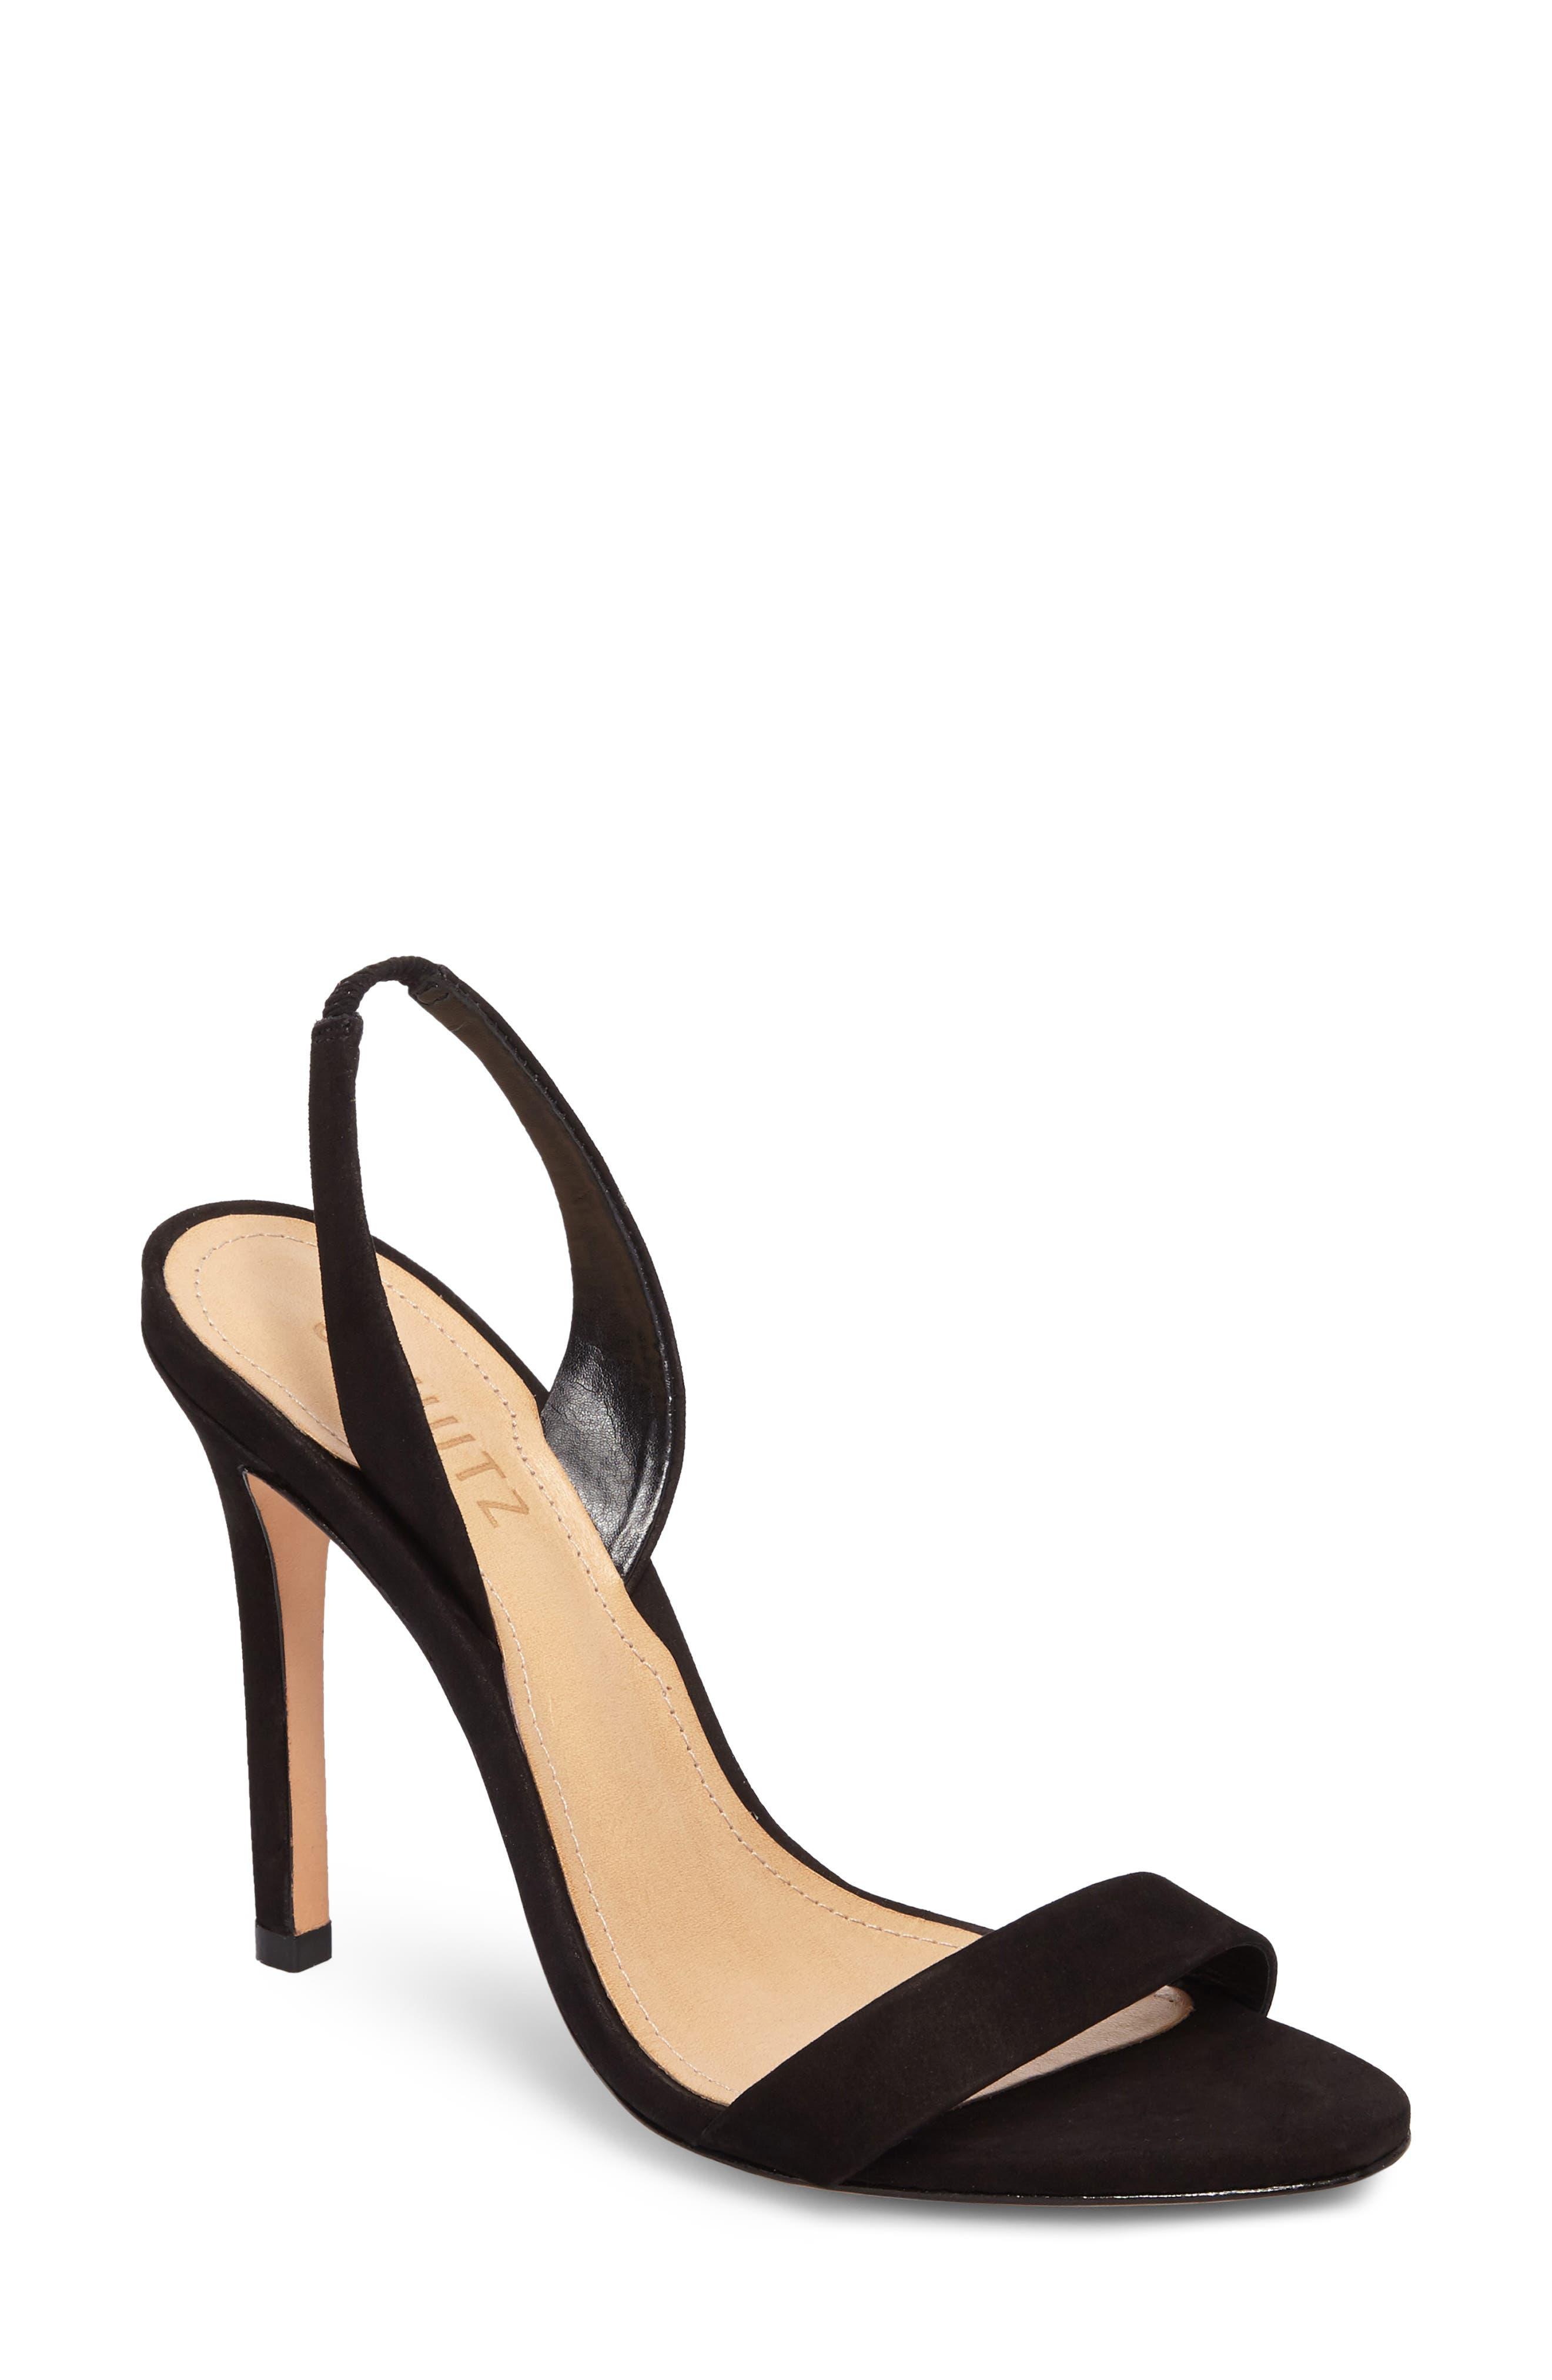 Luriane Sandal,                             Main thumbnail 1, color,                             BLACK NUBUCK LEATHER